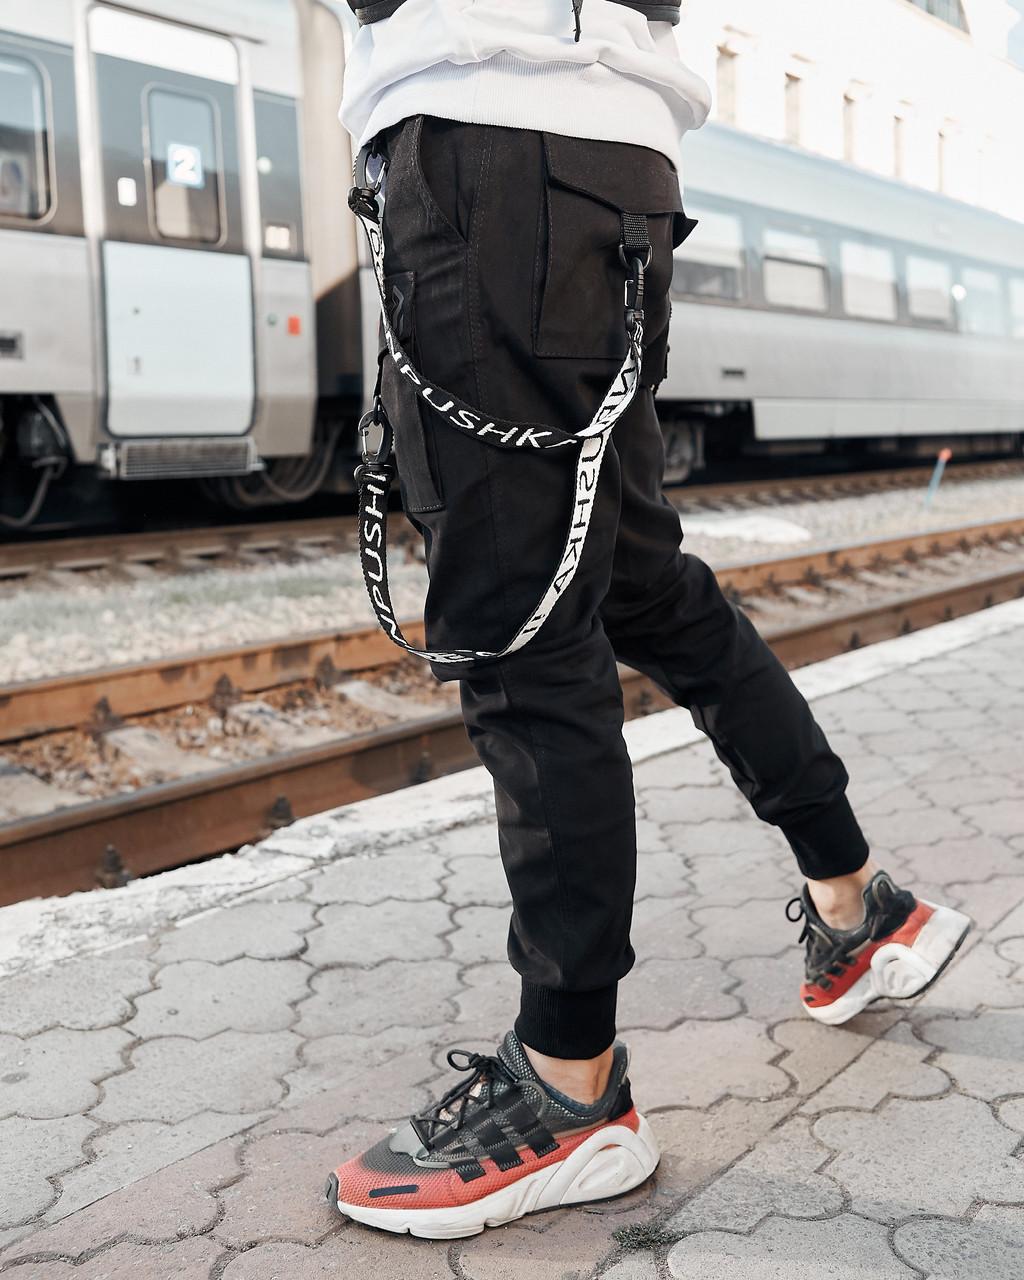 Мужские брюки-карго Пушка Огонь Scarstrope S модные молодежные черные штаны cargo подростковые брюки карго